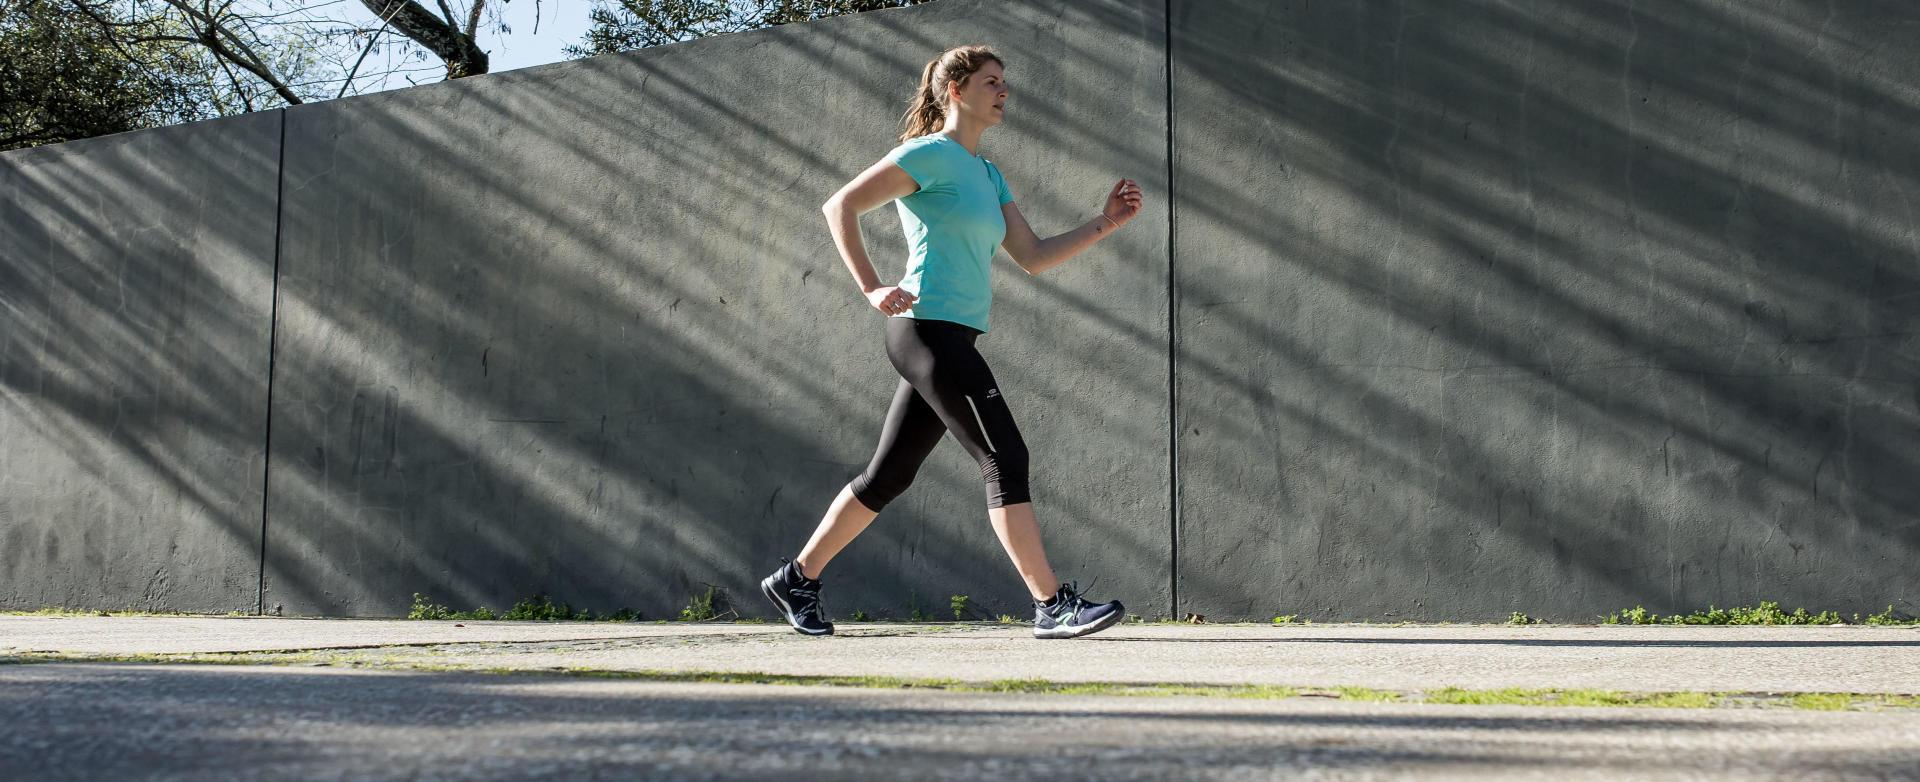 33fda7afb48 Programme minceur marche sportive   8 semaines pour perdre du poids ...